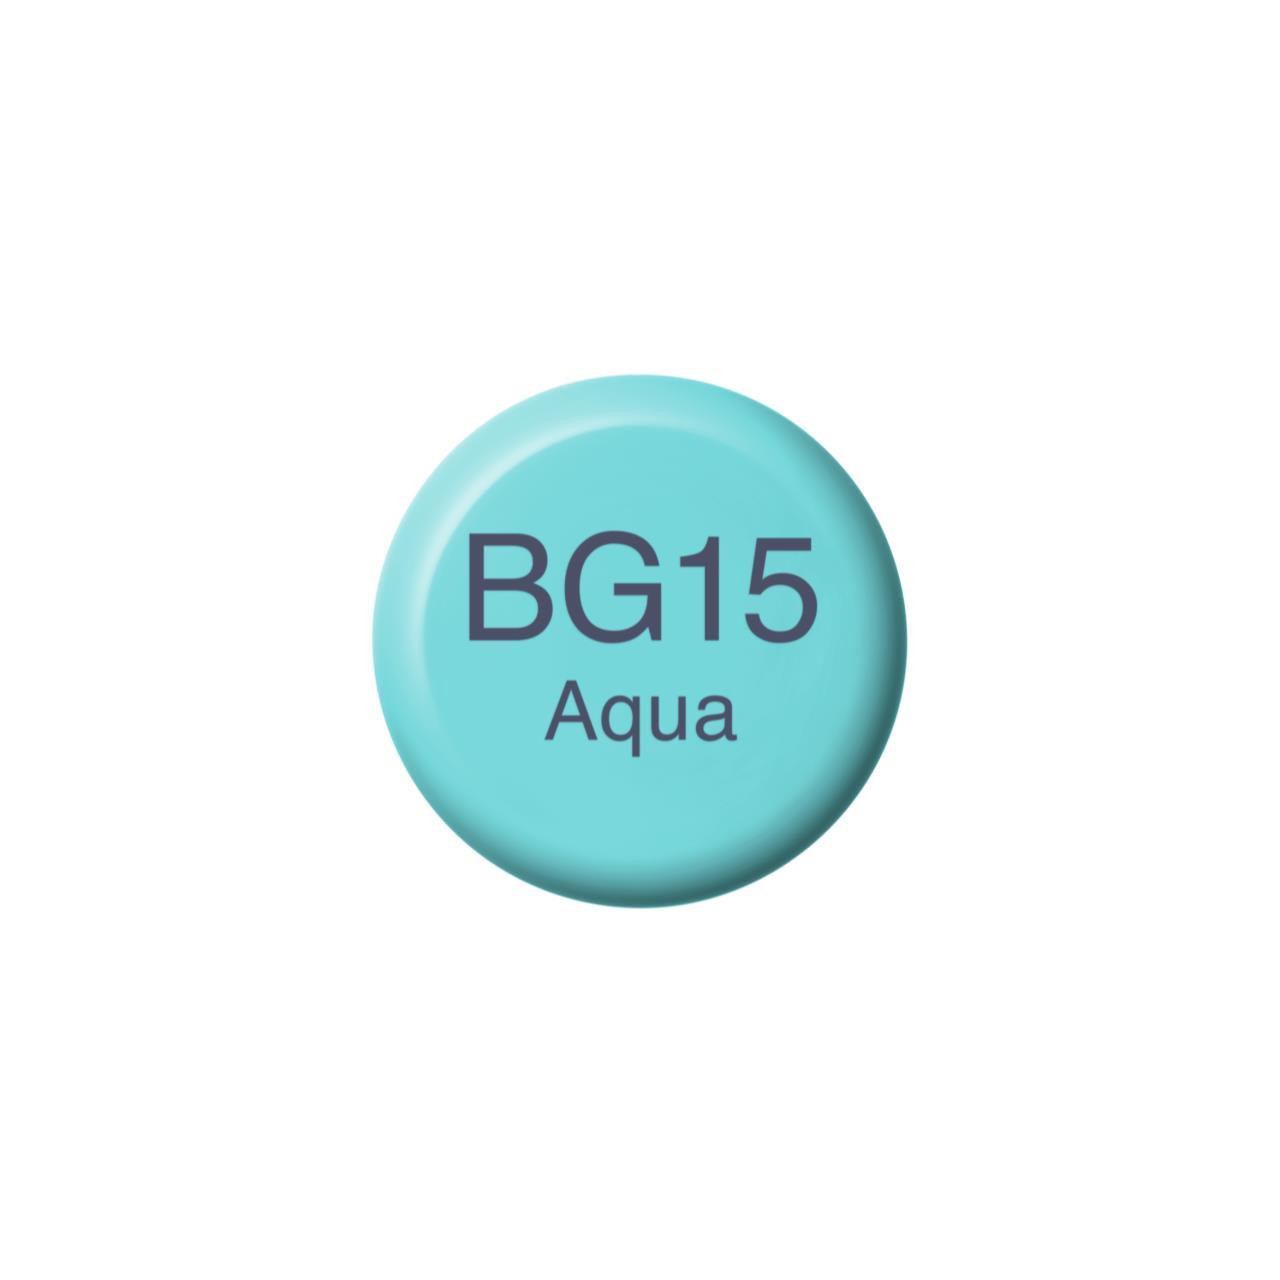 BG15 Aqua, Copic Ink - 4511338056257